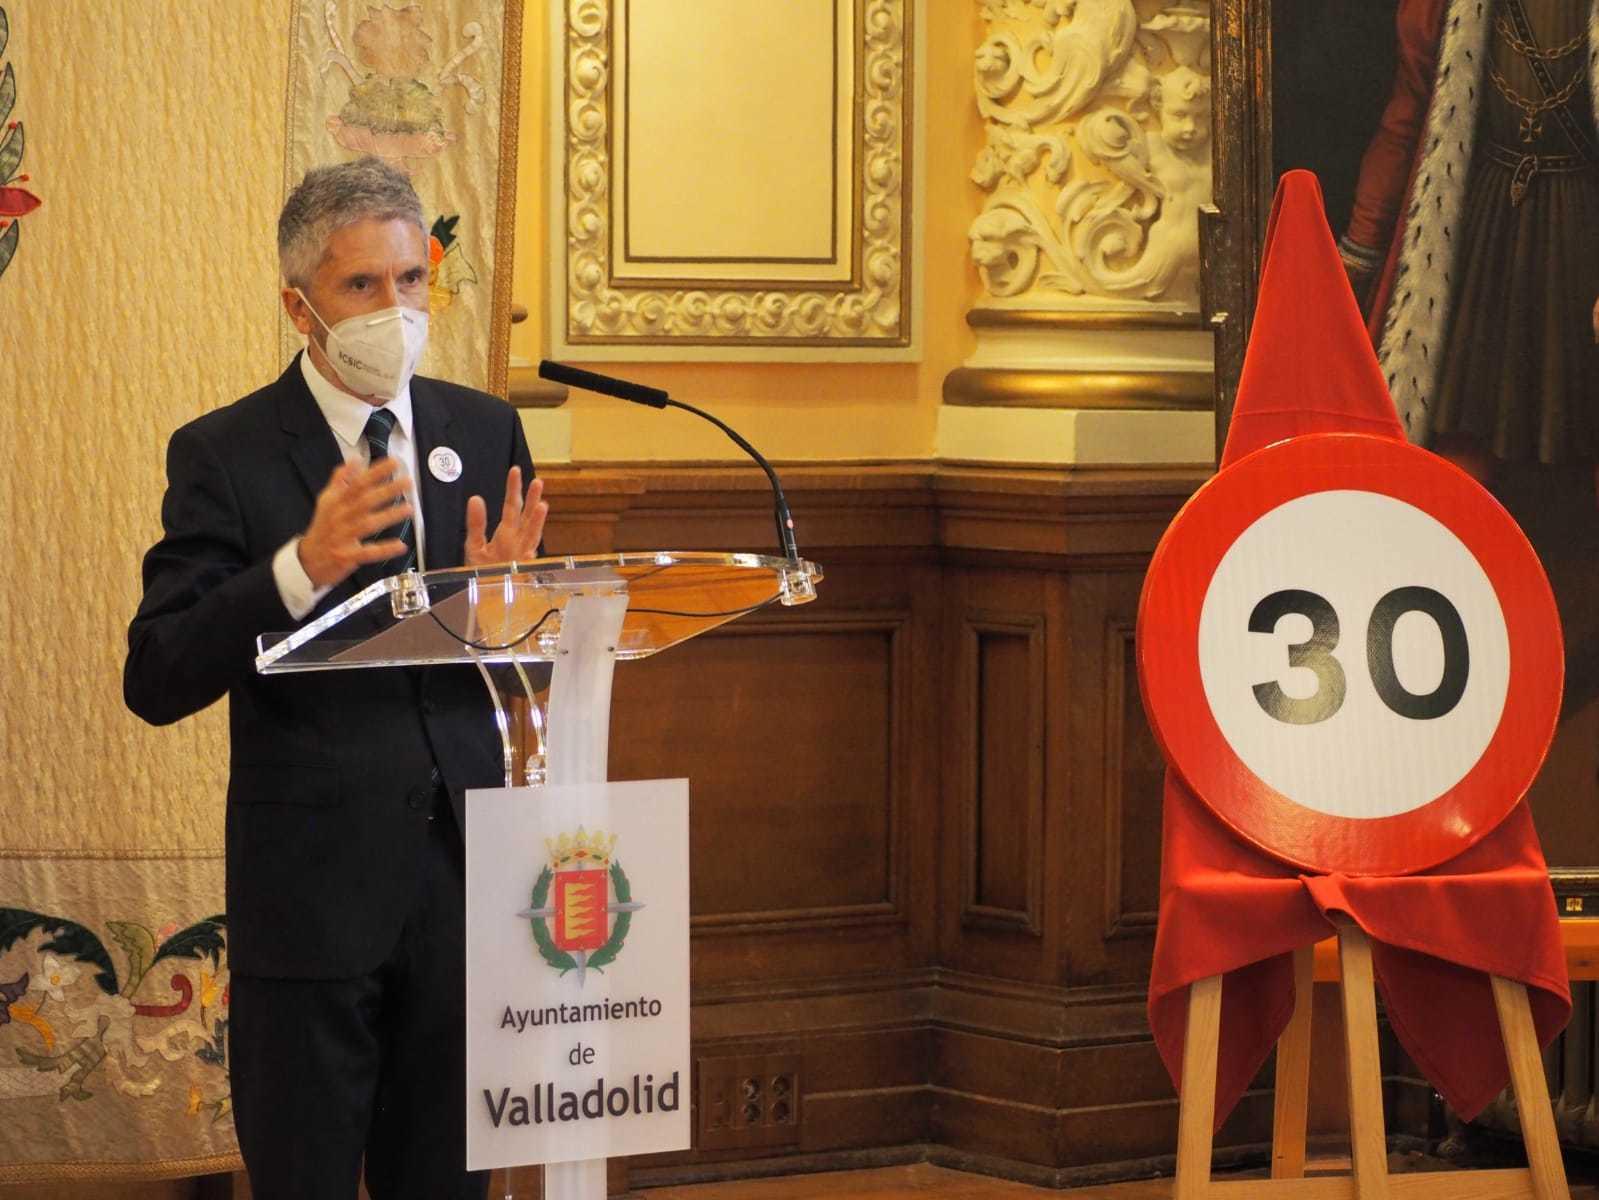 Ministro del Interior - Fernando Grande-Marlaska - Nuevos limites de velocidad en ciudad